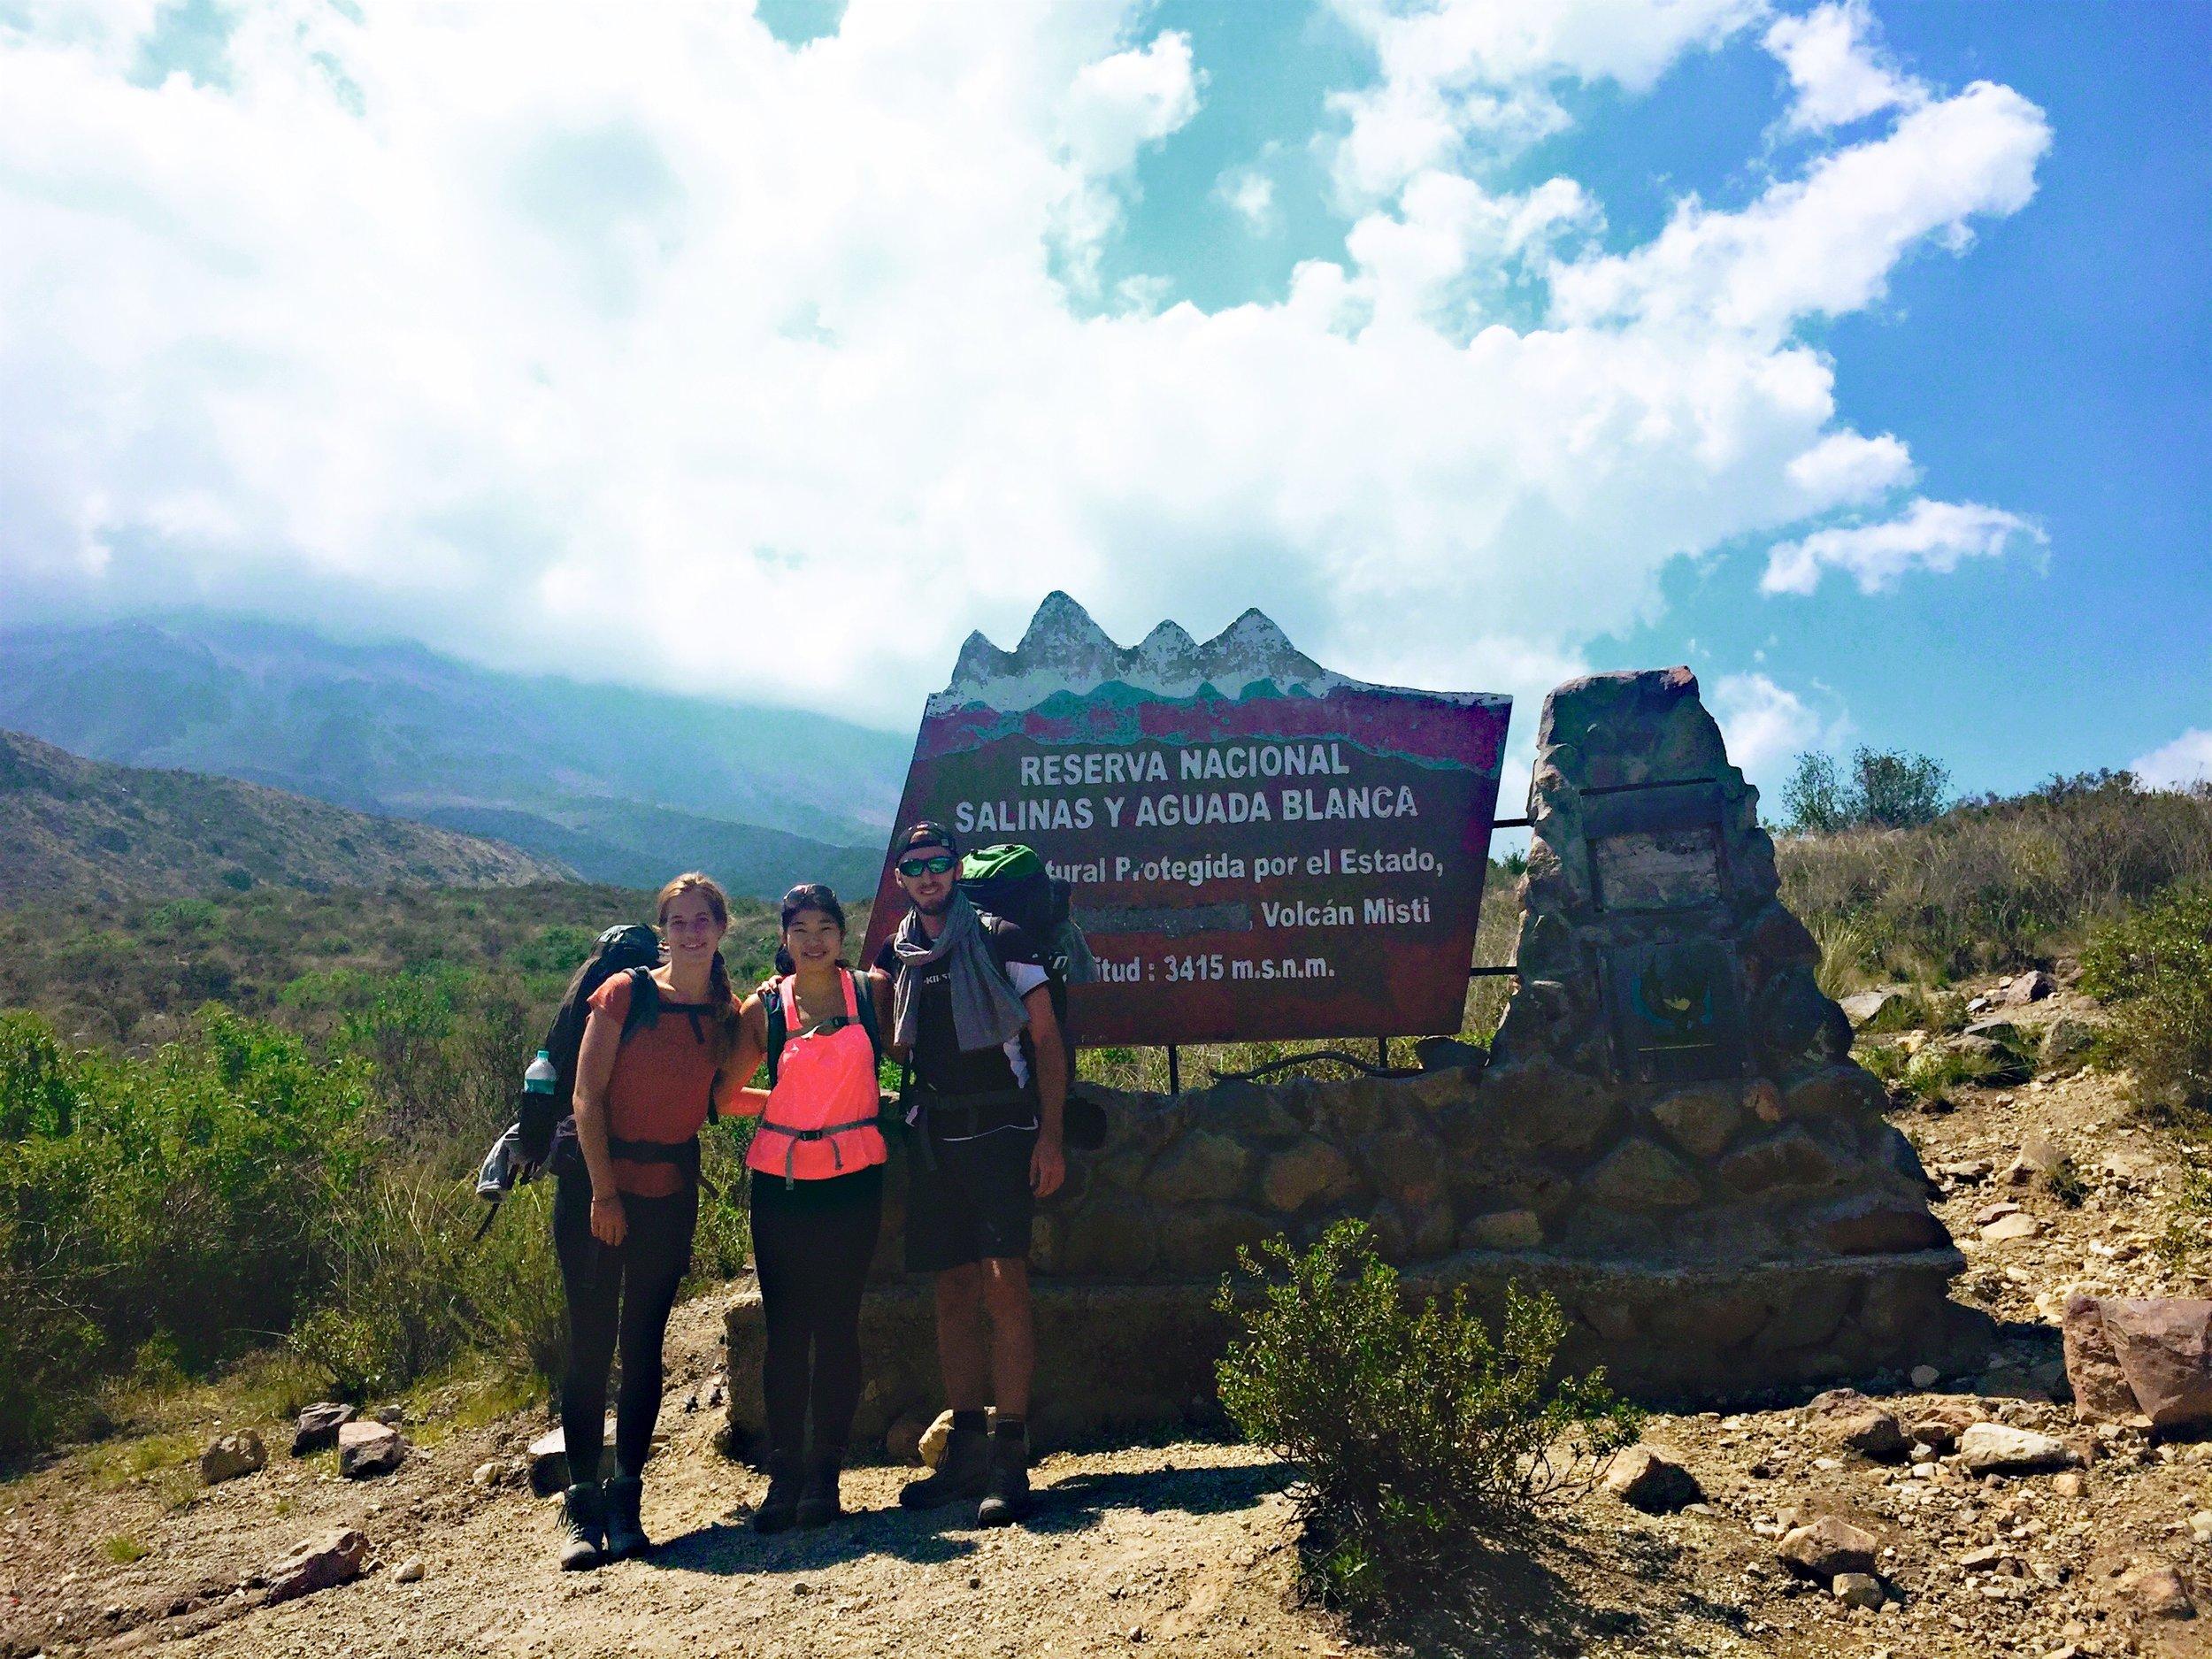 Base of El Misti Volcano